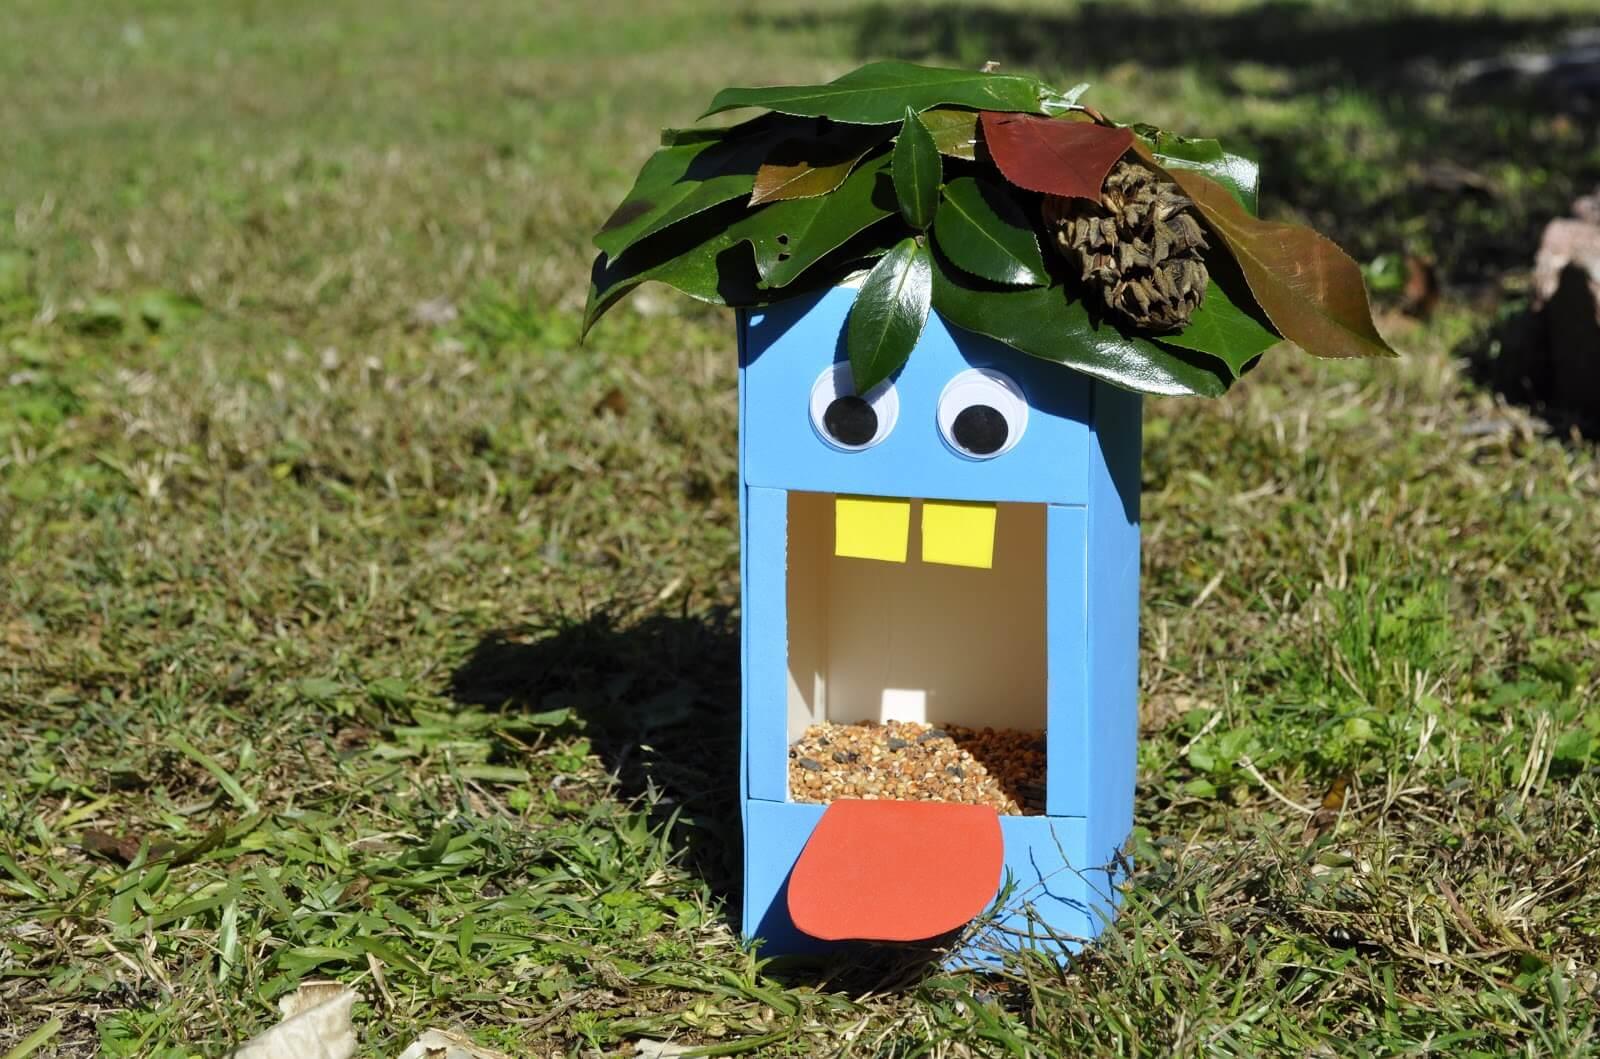 В Твери пройдет конкурс на лучшую кормушку для птиц, сделанную своими руками